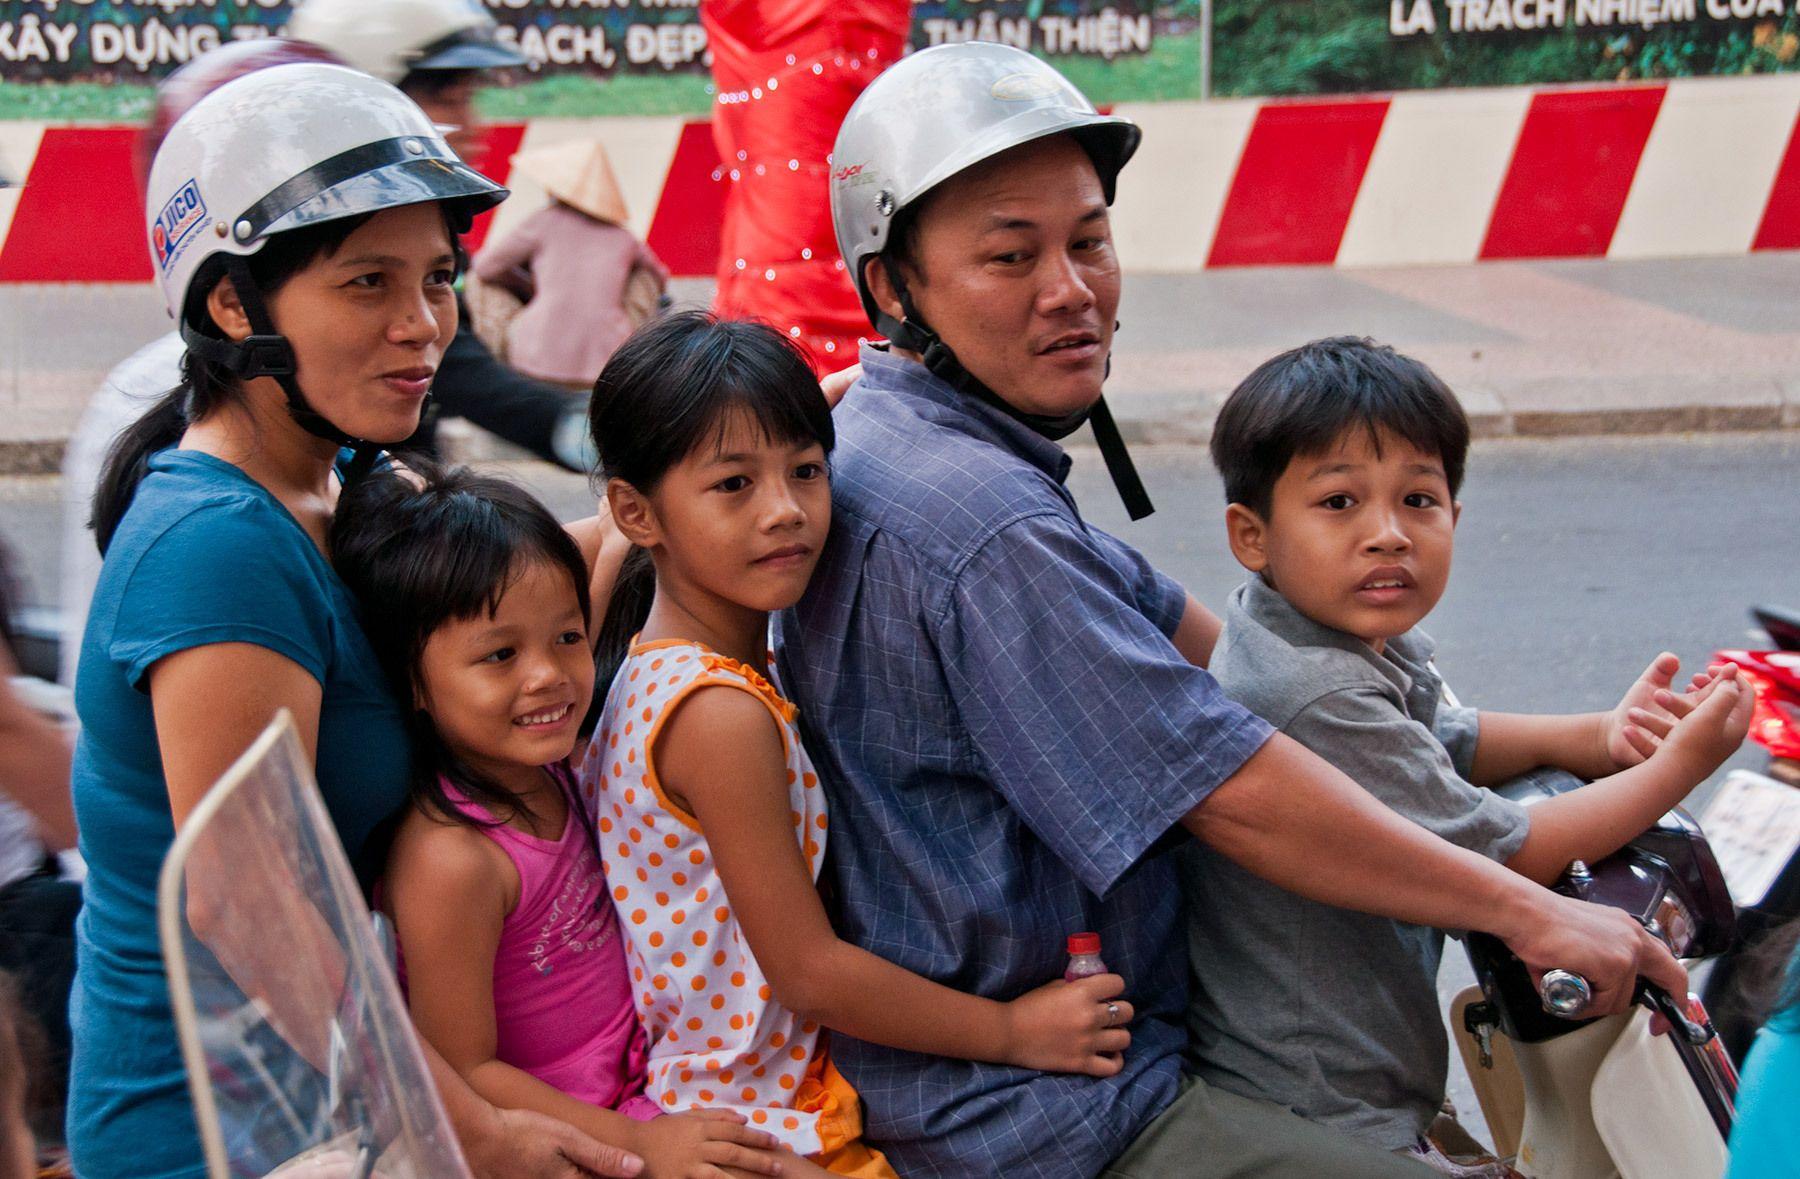 Family on Motorbike, Hanoi, North Vietnam